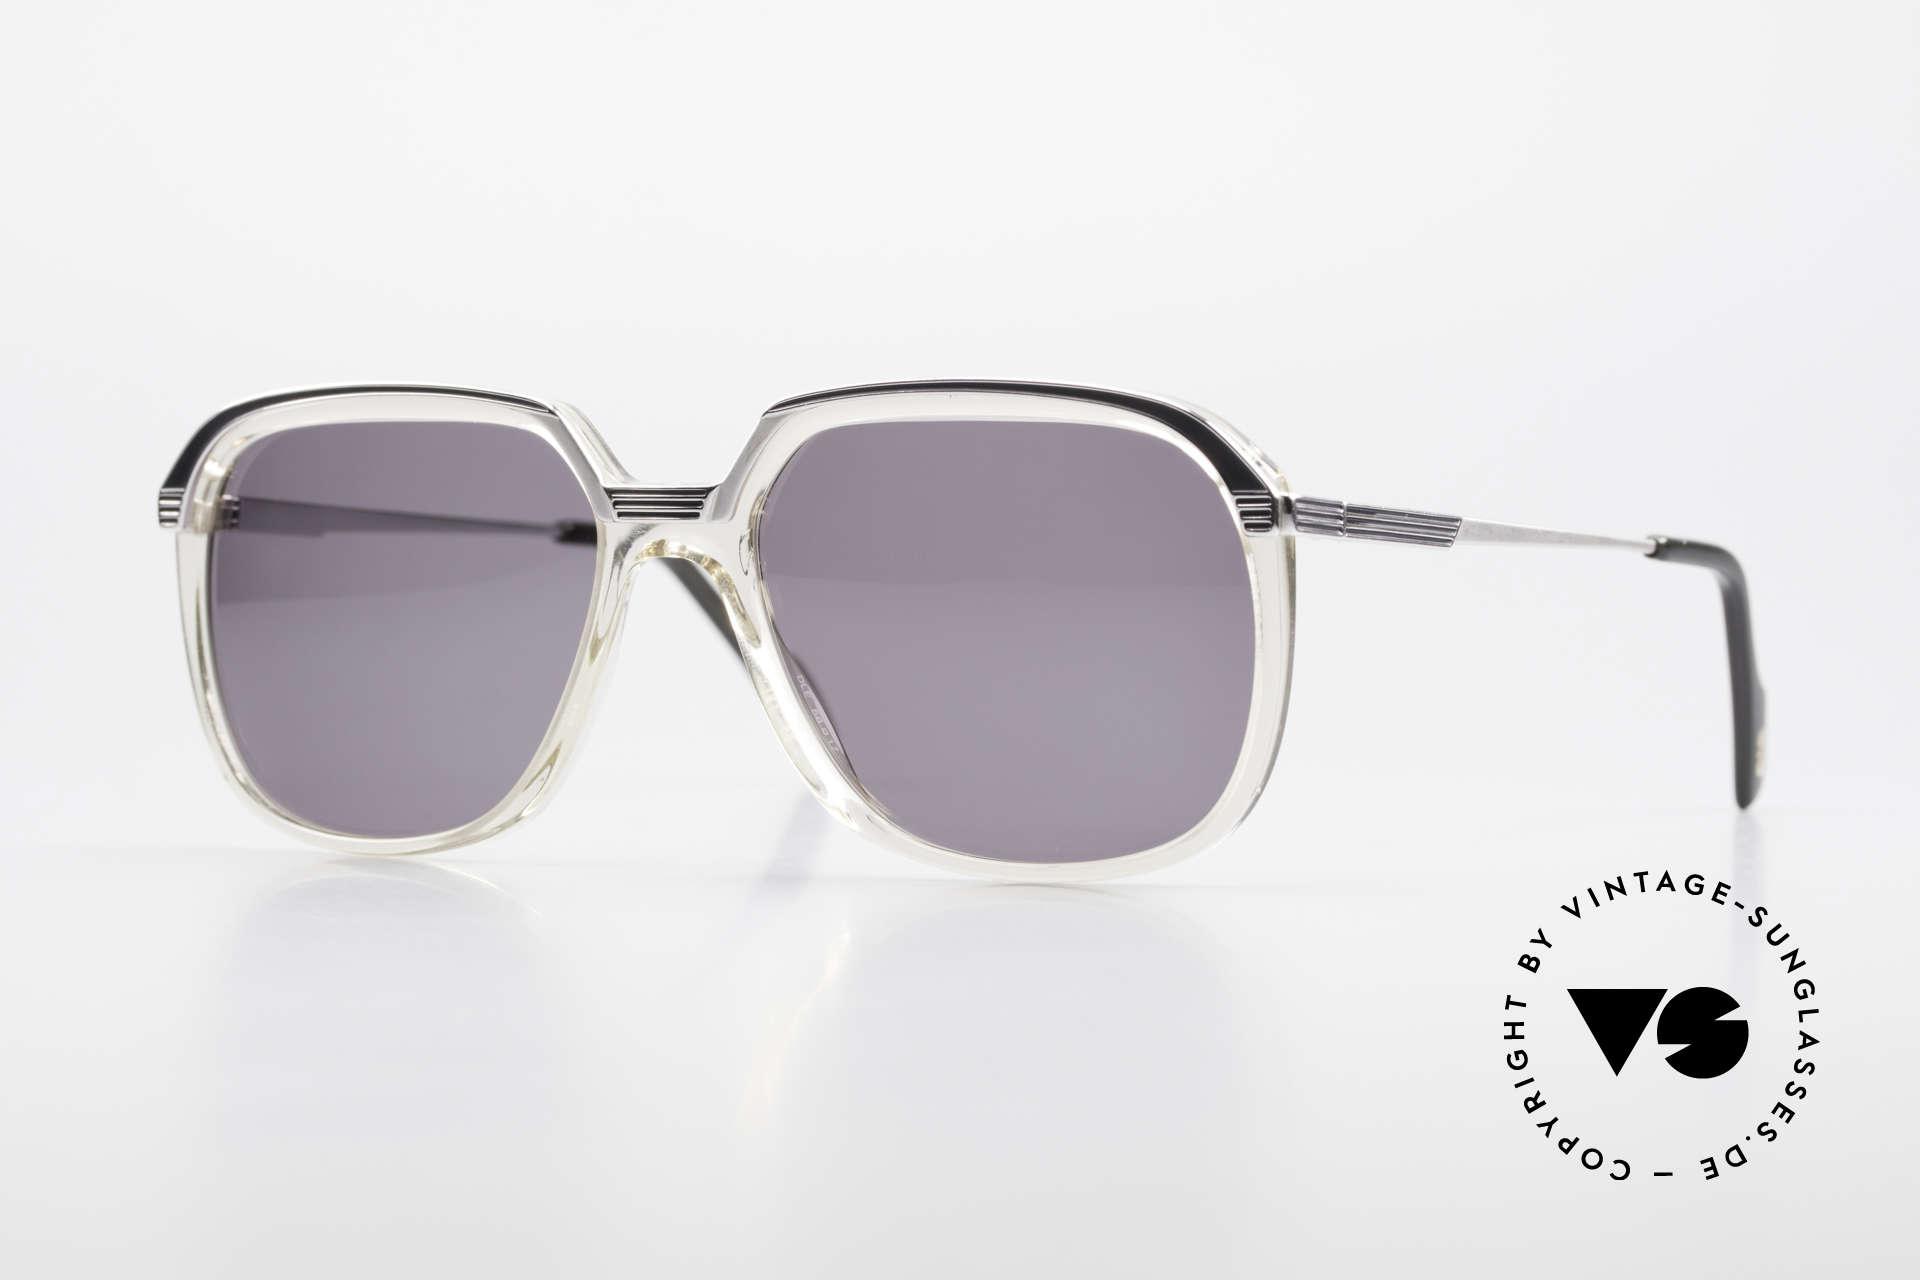 Metzler 6620 True Vintage 80's Sunglasses, elegant men's sunglasses by Metzler from the 1980's, Made for Men